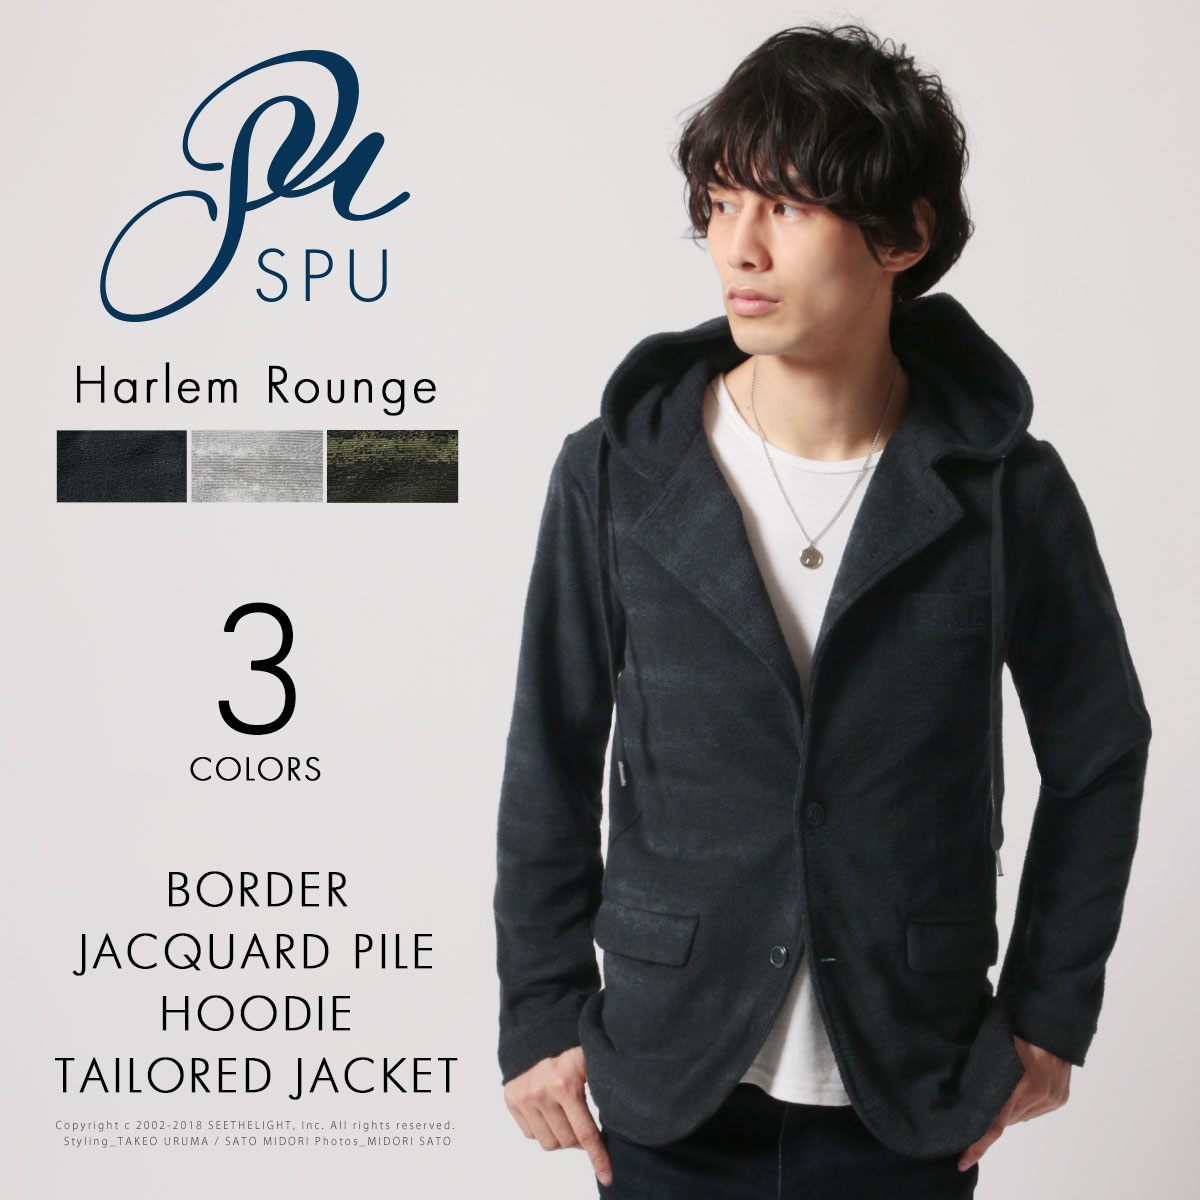 メンズ ジャケット メンズファッション 春 秋 ボーダー ジャガード パイル フード テーラード ジャケット グラデーション Harlem Rounge ハーレムラウンジ